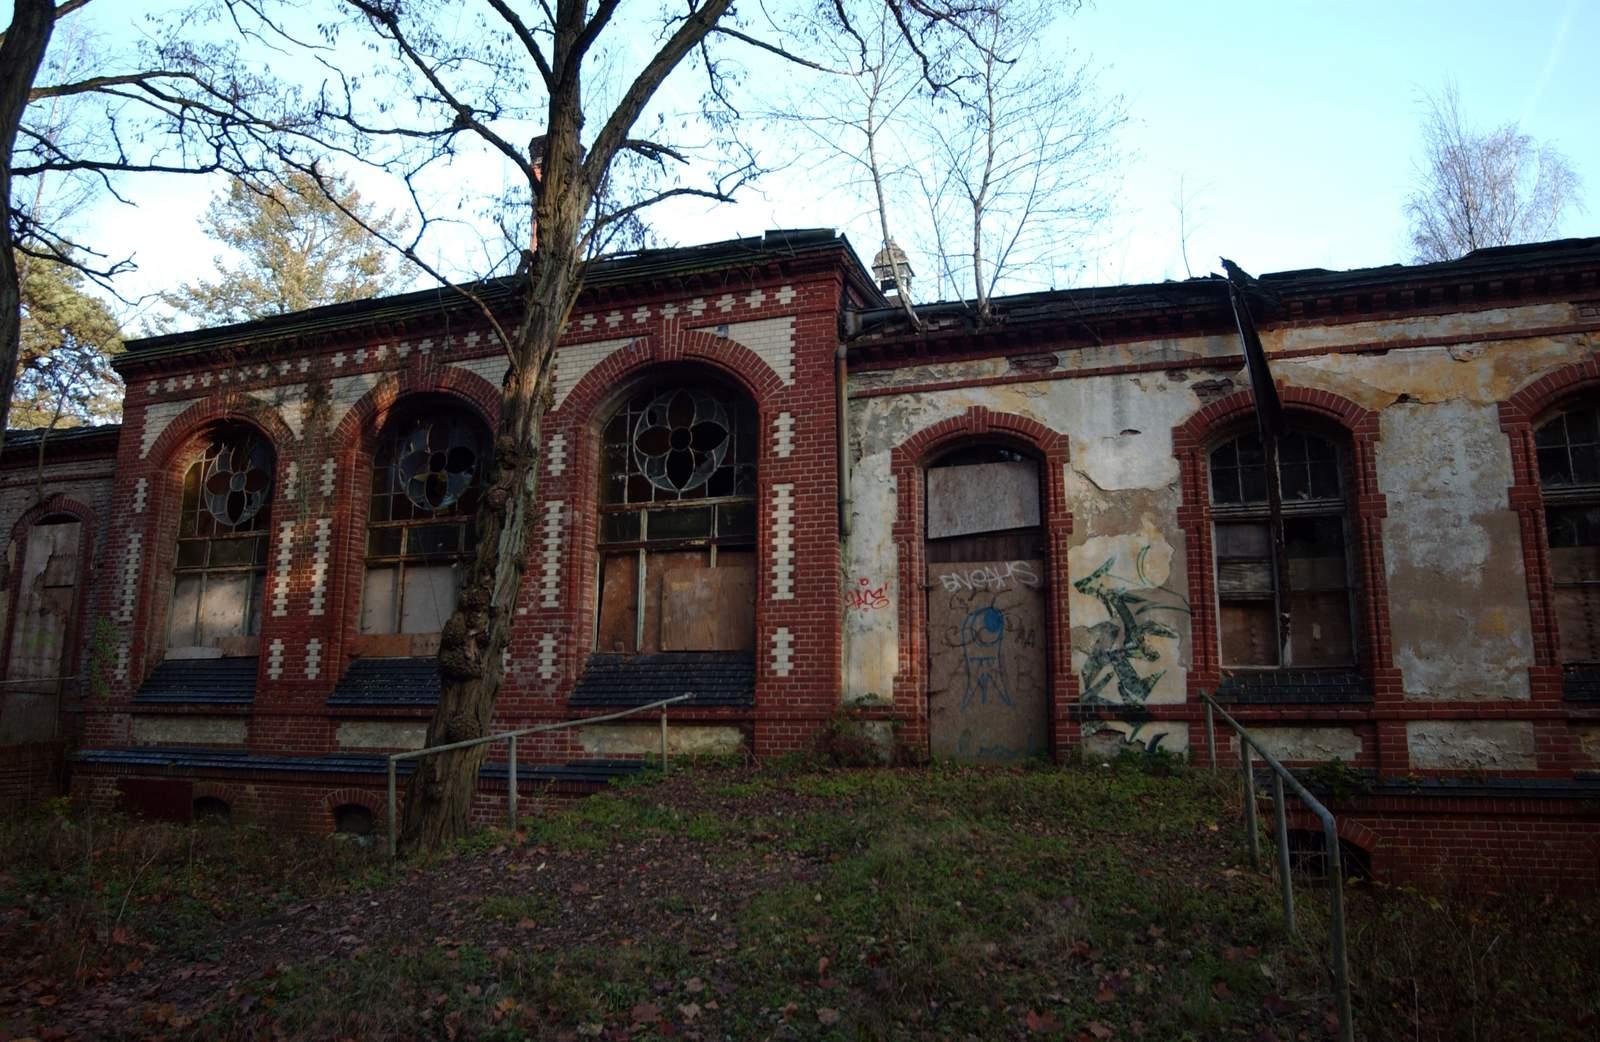 beelitz heilstatten15 Abandoned Beelitz Heilstatten Hospital